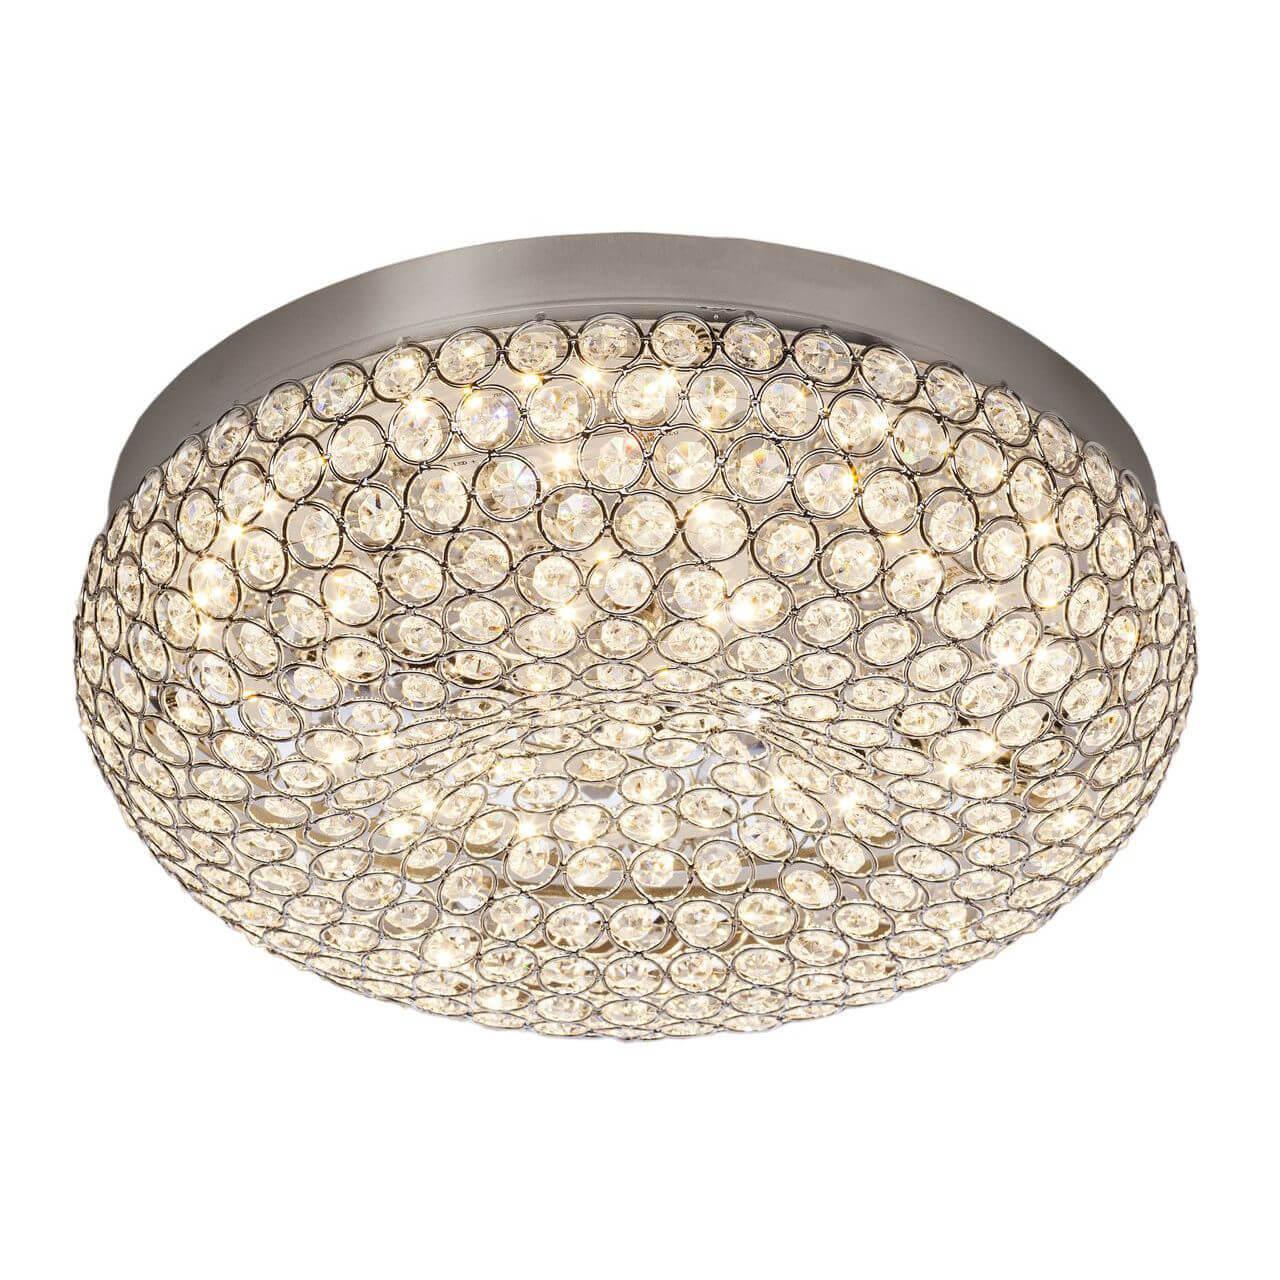 Потолочный светодиодный светильник Silver Light Status 841.36.7 silver light потолочный светодиодный светильник silver light status 841 42 7